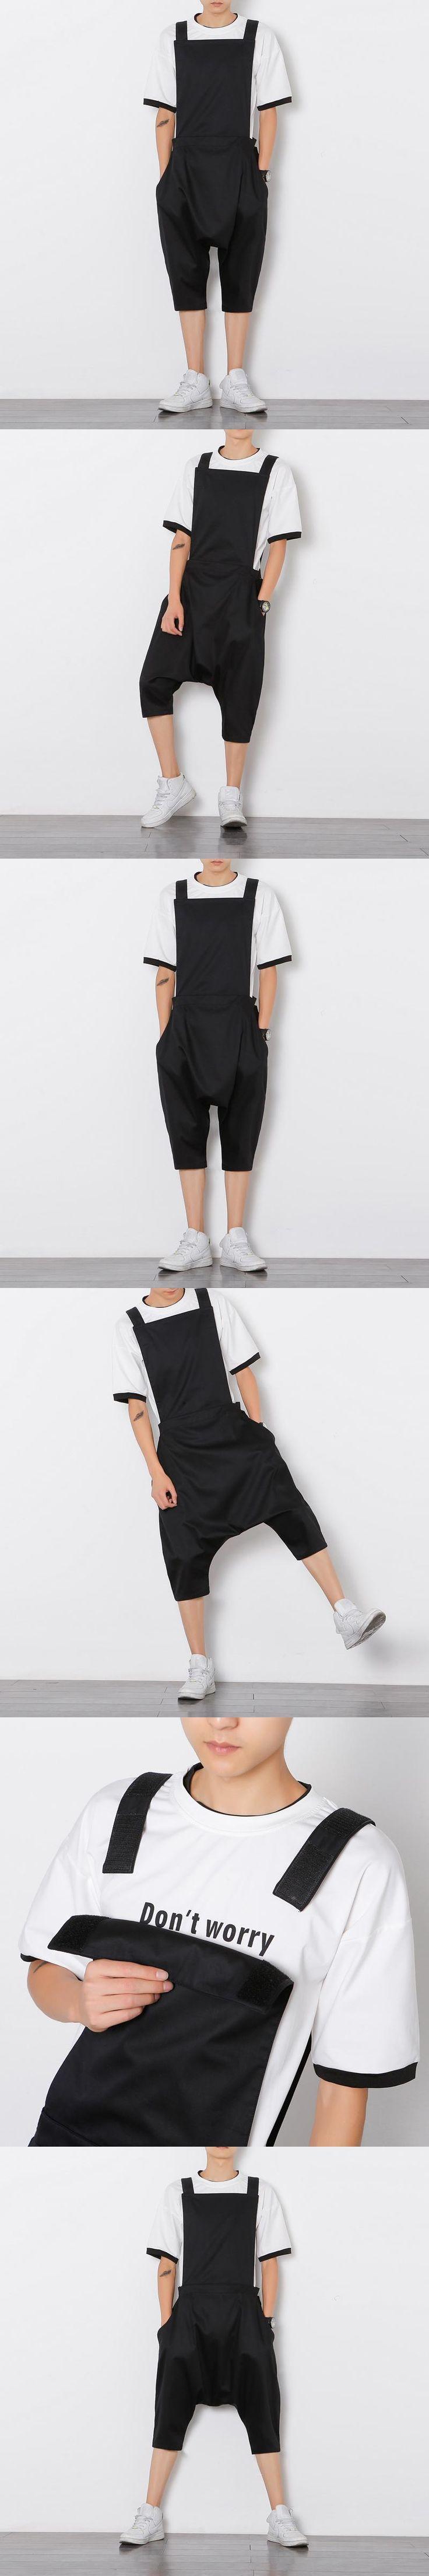 2017 Plus Size Men Jumpsuit Fashion Male Bib Pants Overalls Casual Loose Harem Pants Hip-Hop Low Crotch Trousers Black Jumpsuit